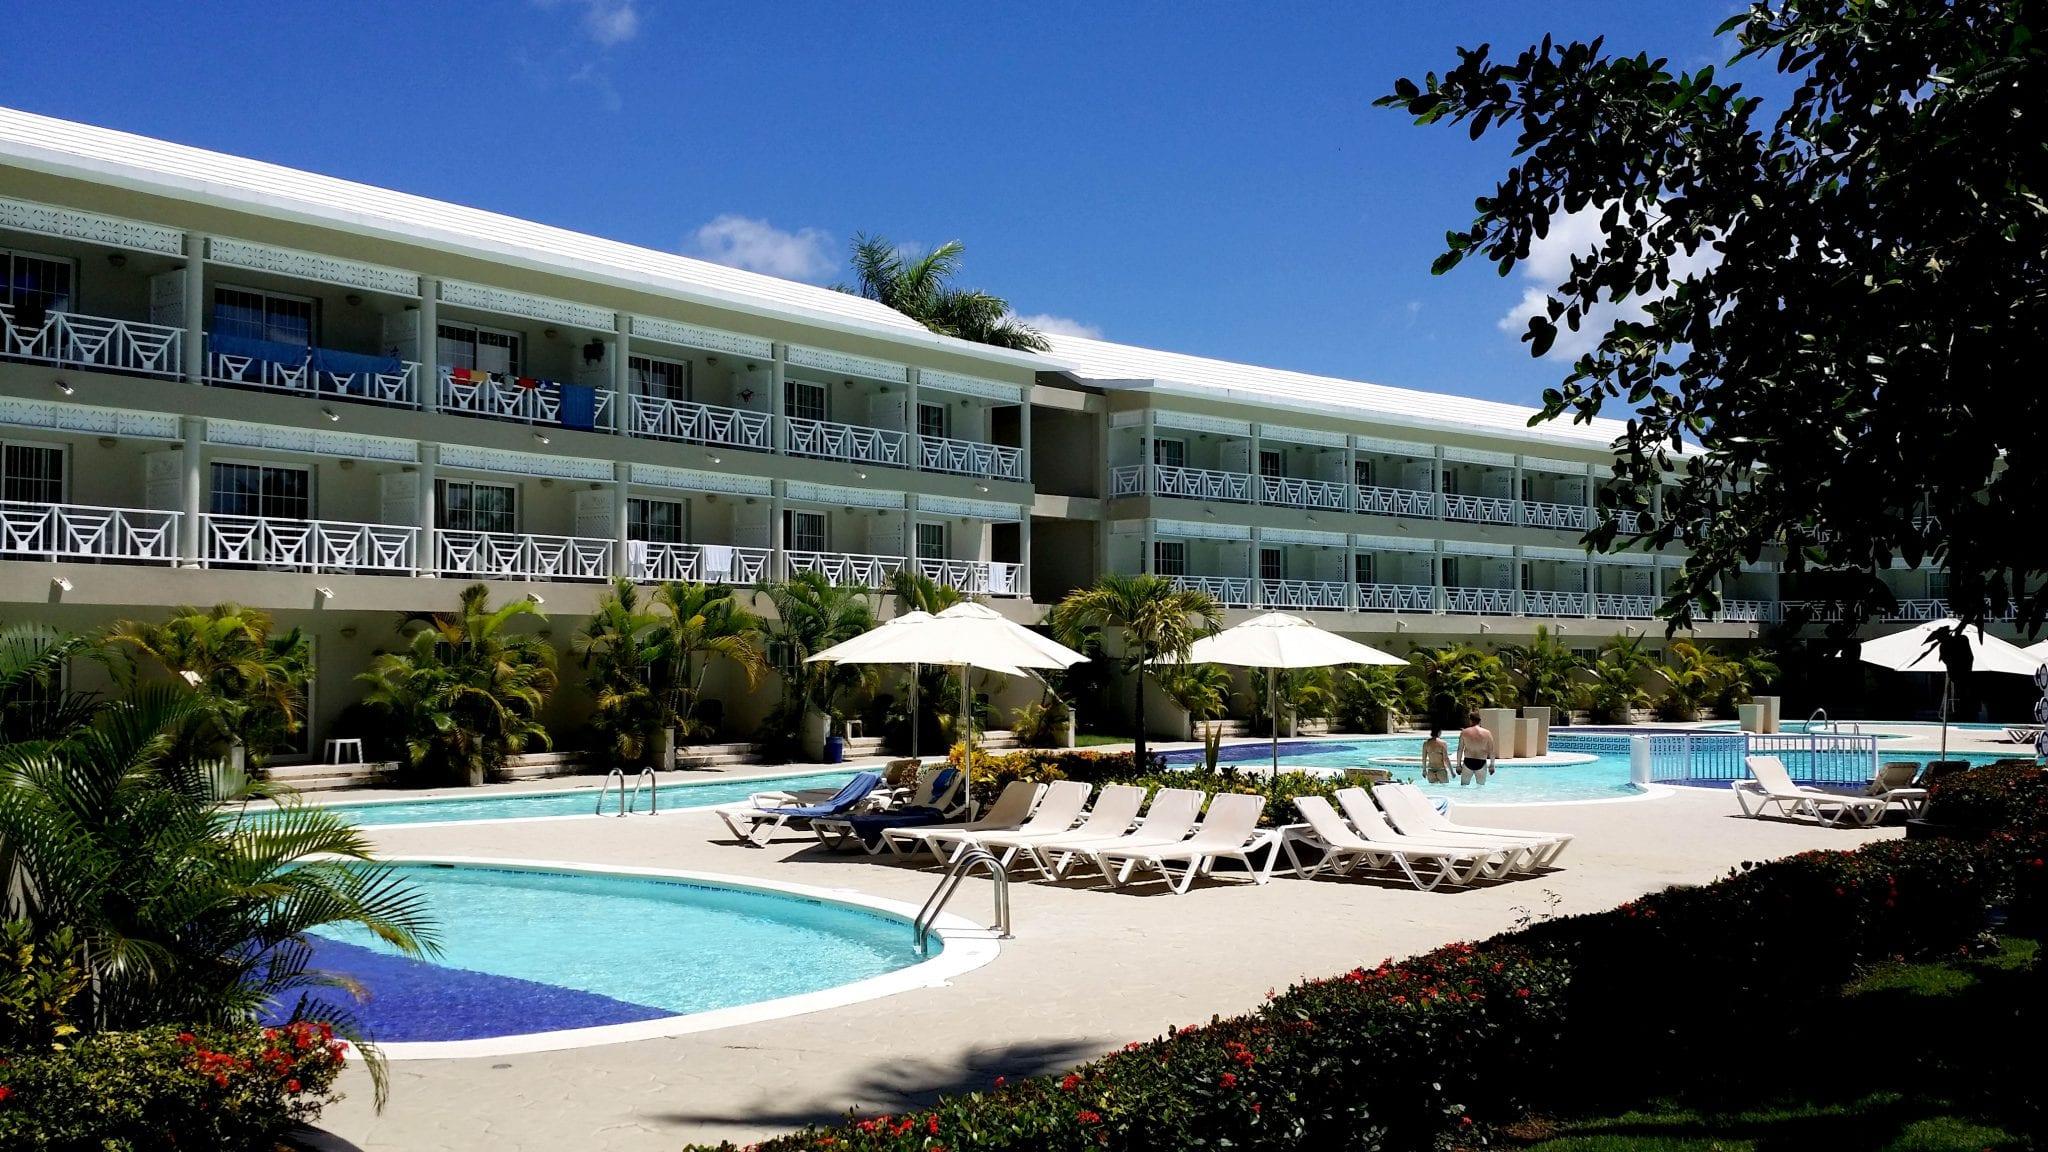 Dritter großer Pool der Anlage Vista Sol Punta Cana